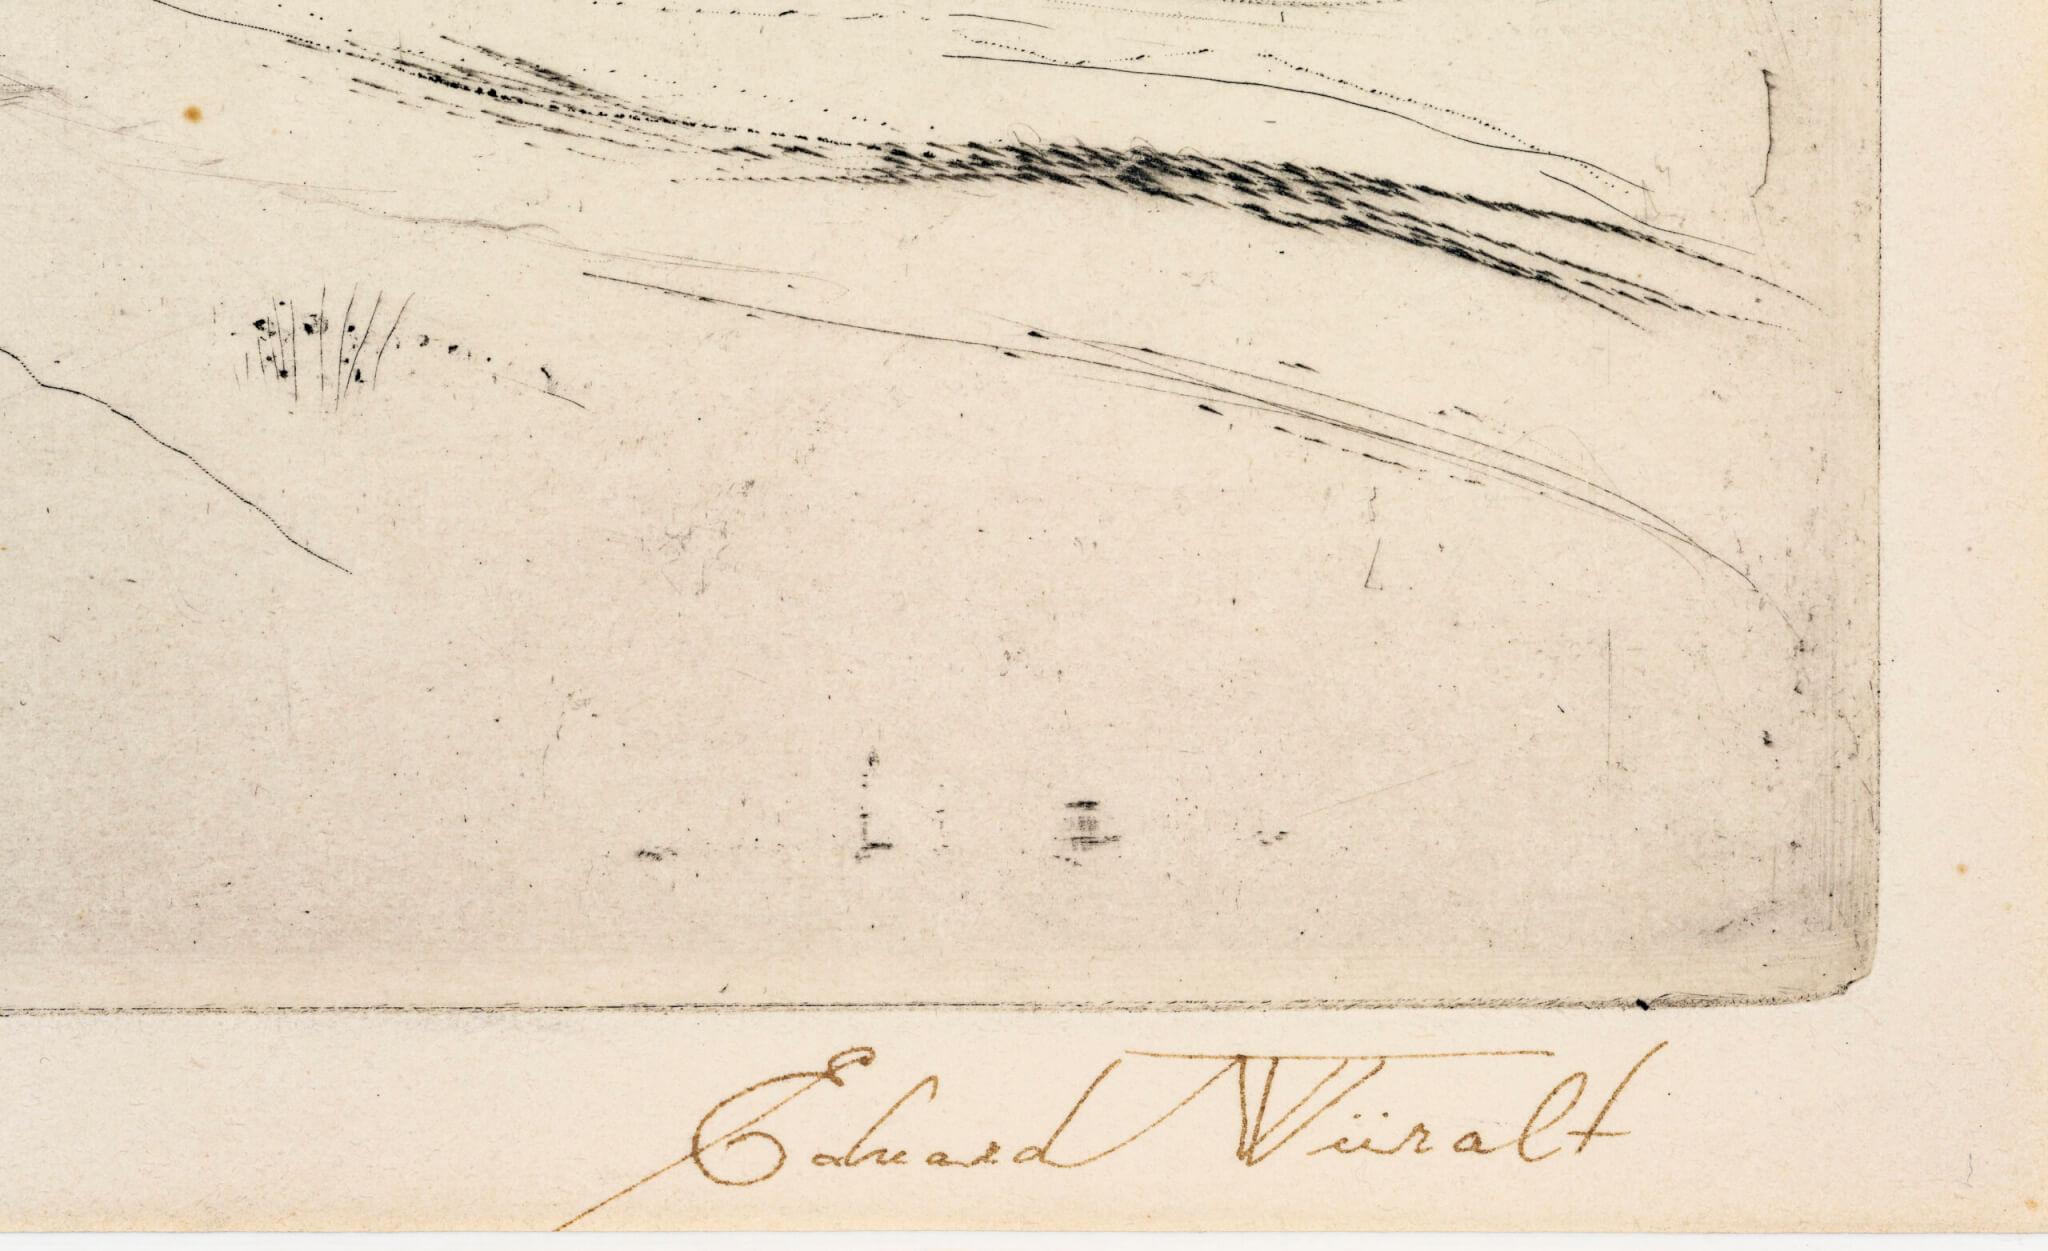 Eduard-Wiiralt-Marrakeši-linnamüür-signatuur